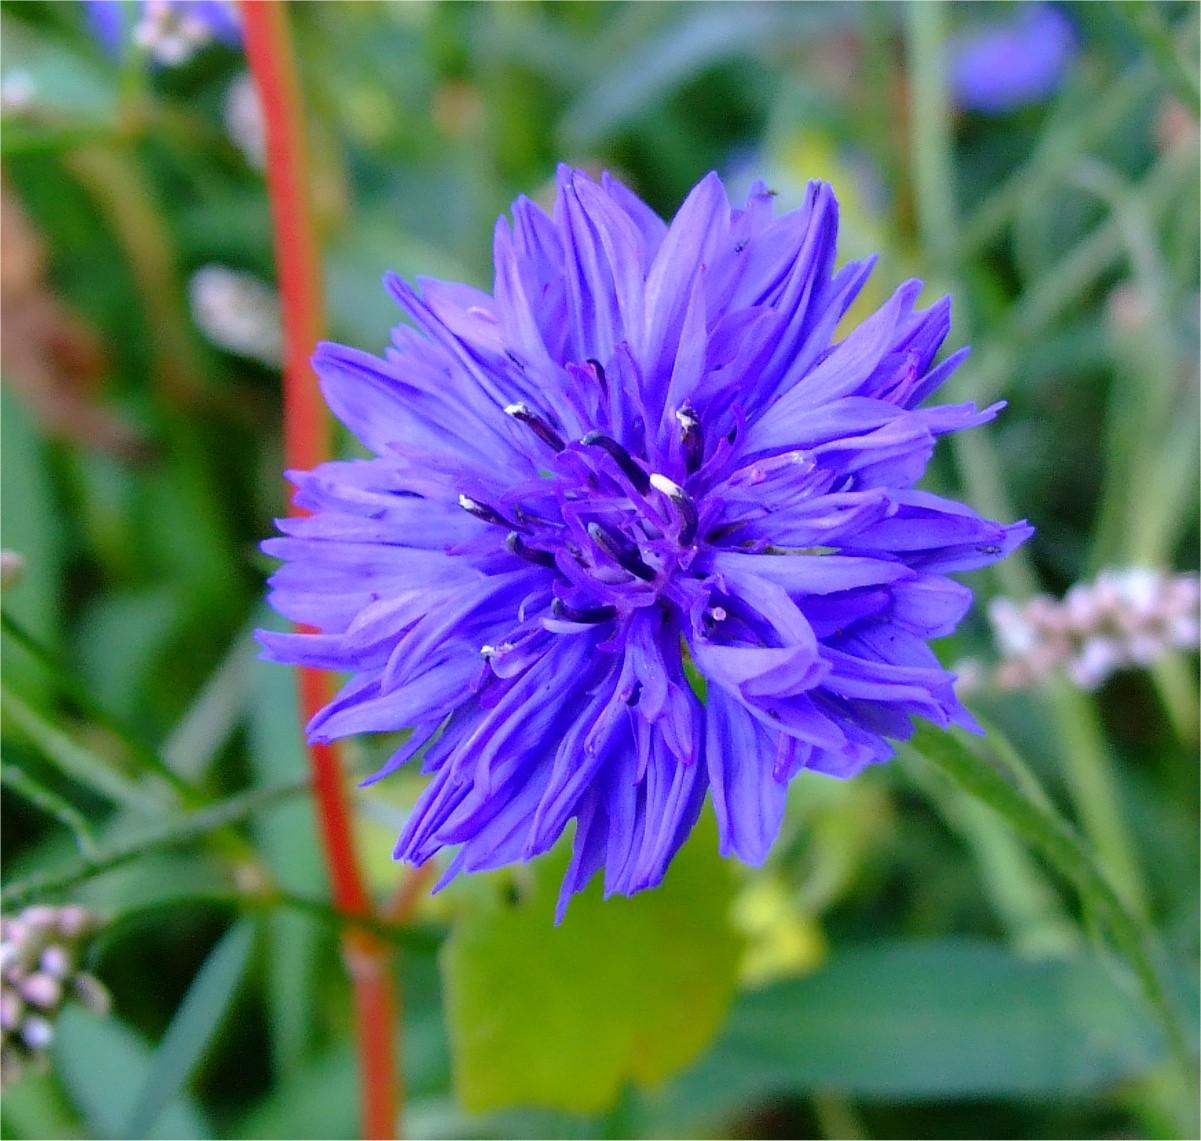 KORENBLOEM met echt blauwe bloemen